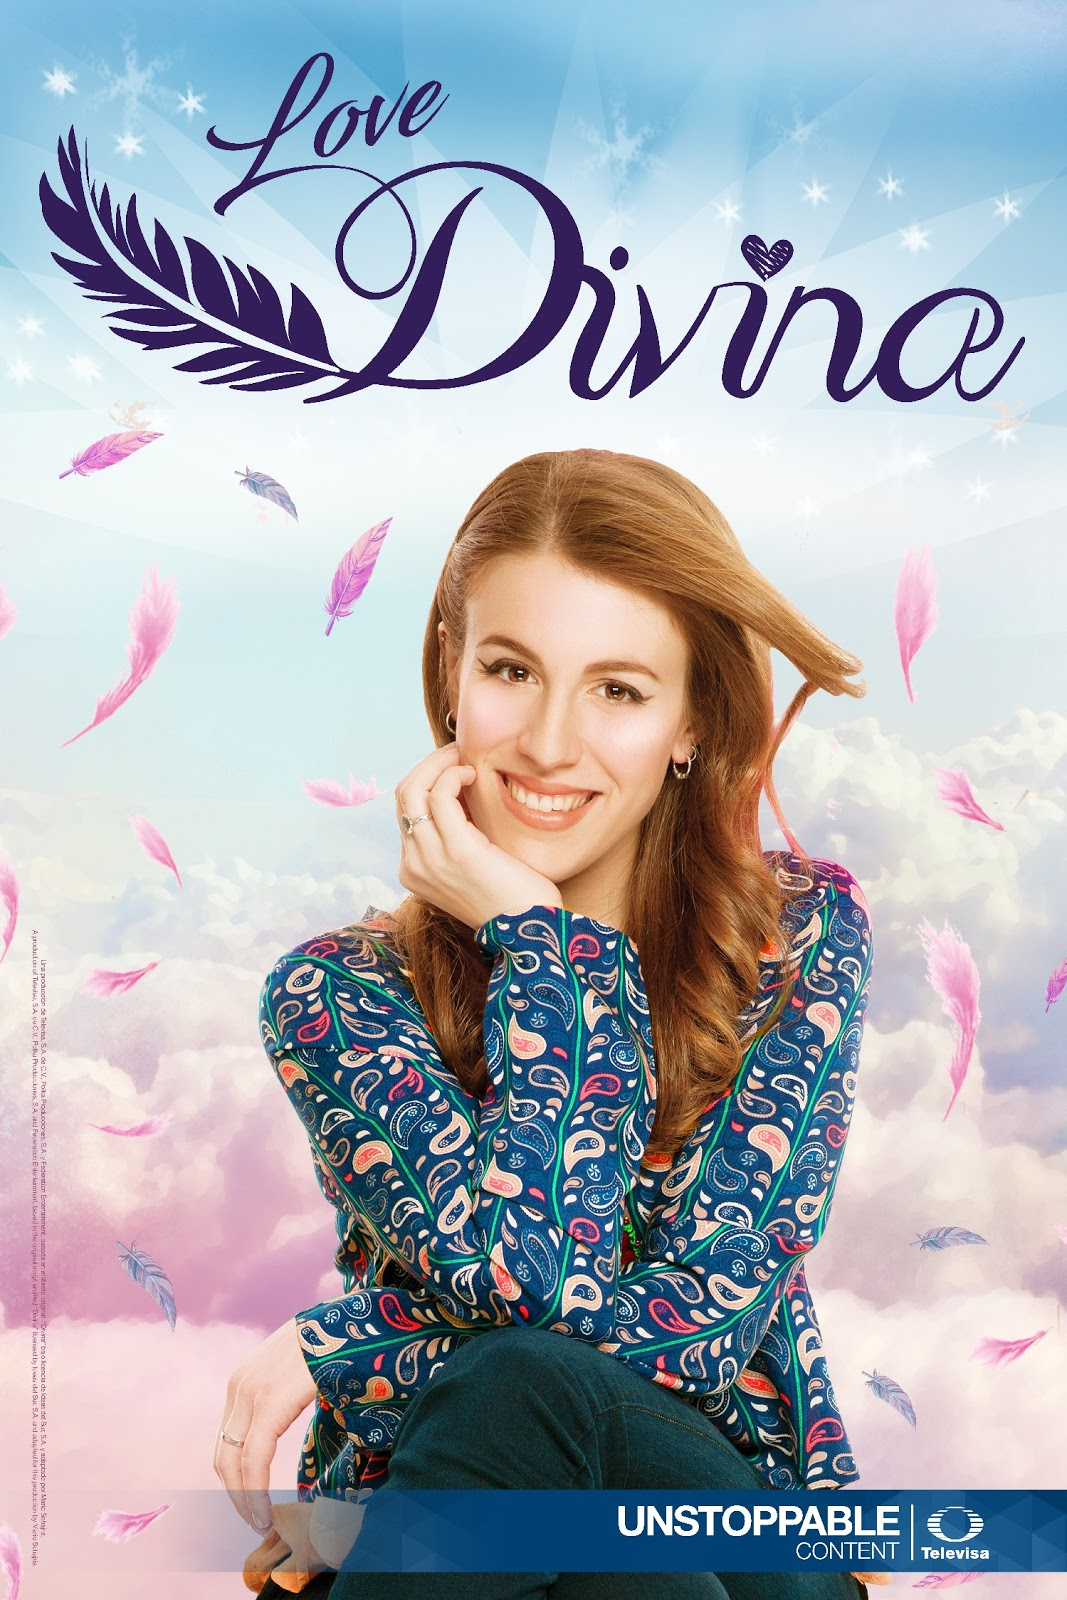 Ver Capitulo 1 Love Divina Esta en tu corazon Online Gratis HD El Trece 13/03/2017